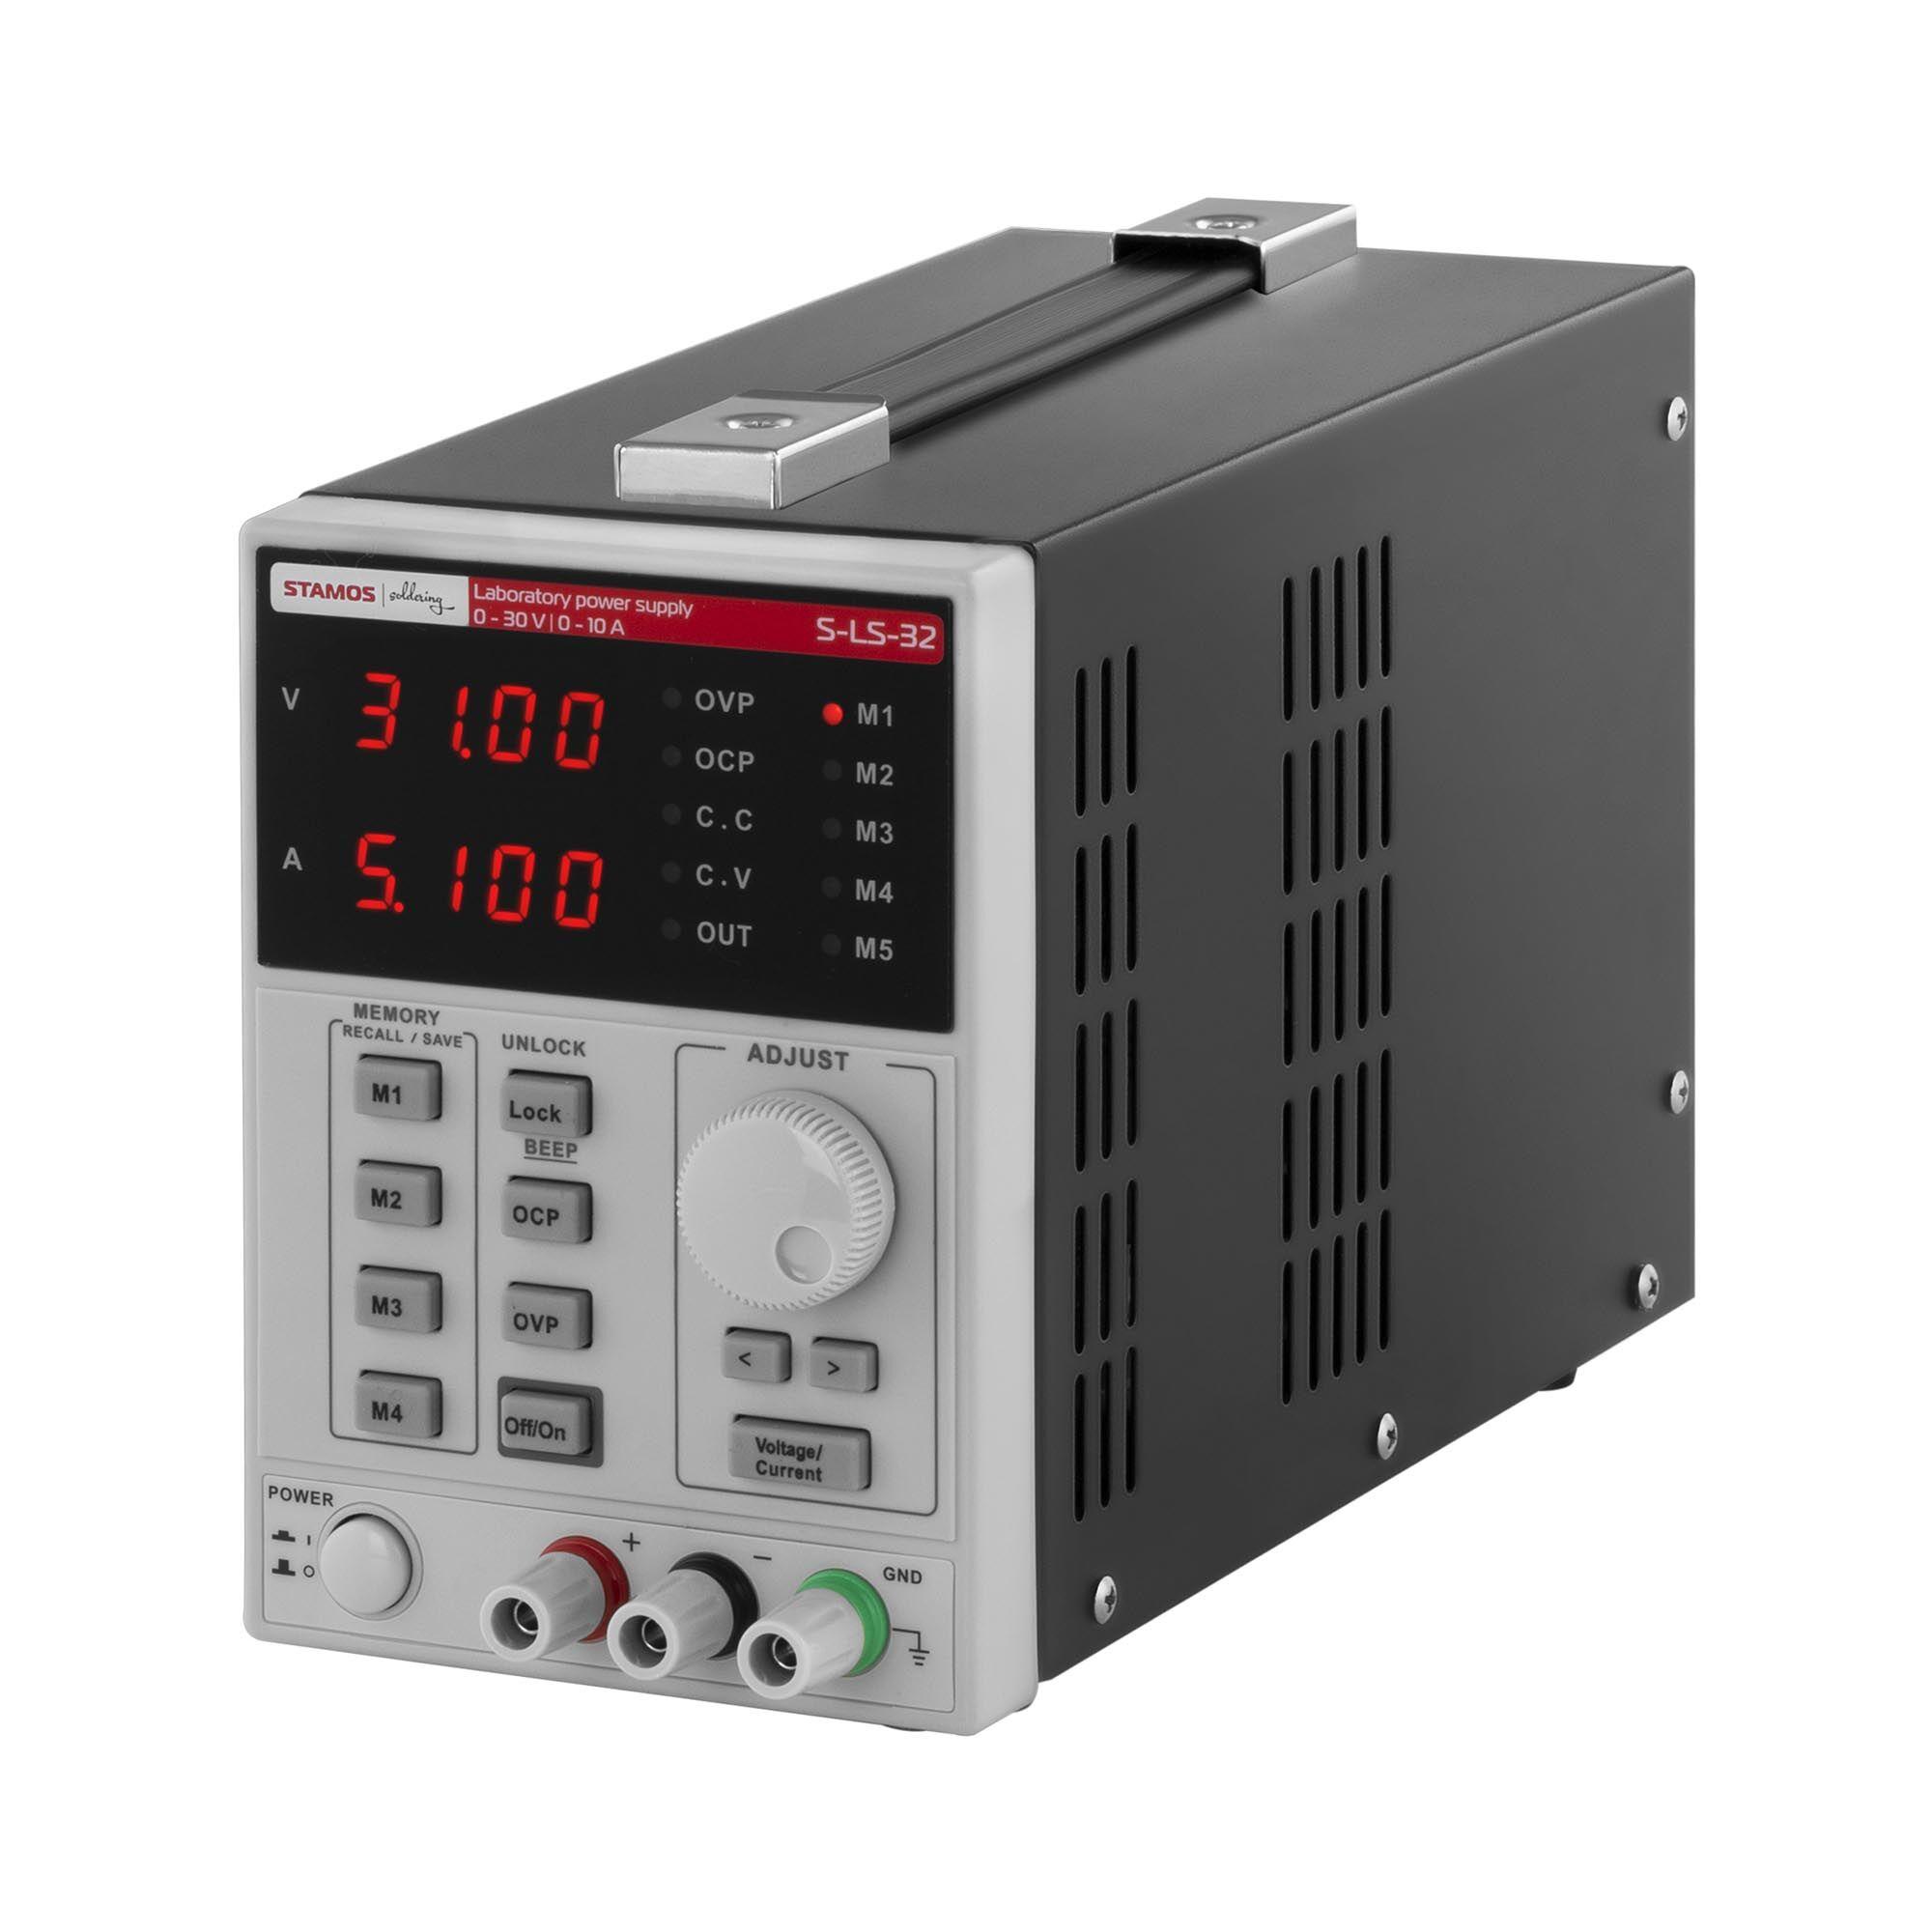 Stamos Soldering Alimentatore da banco - 0-30 V, 0-10 A CC, 550 W - 4 memorie S-LS-32